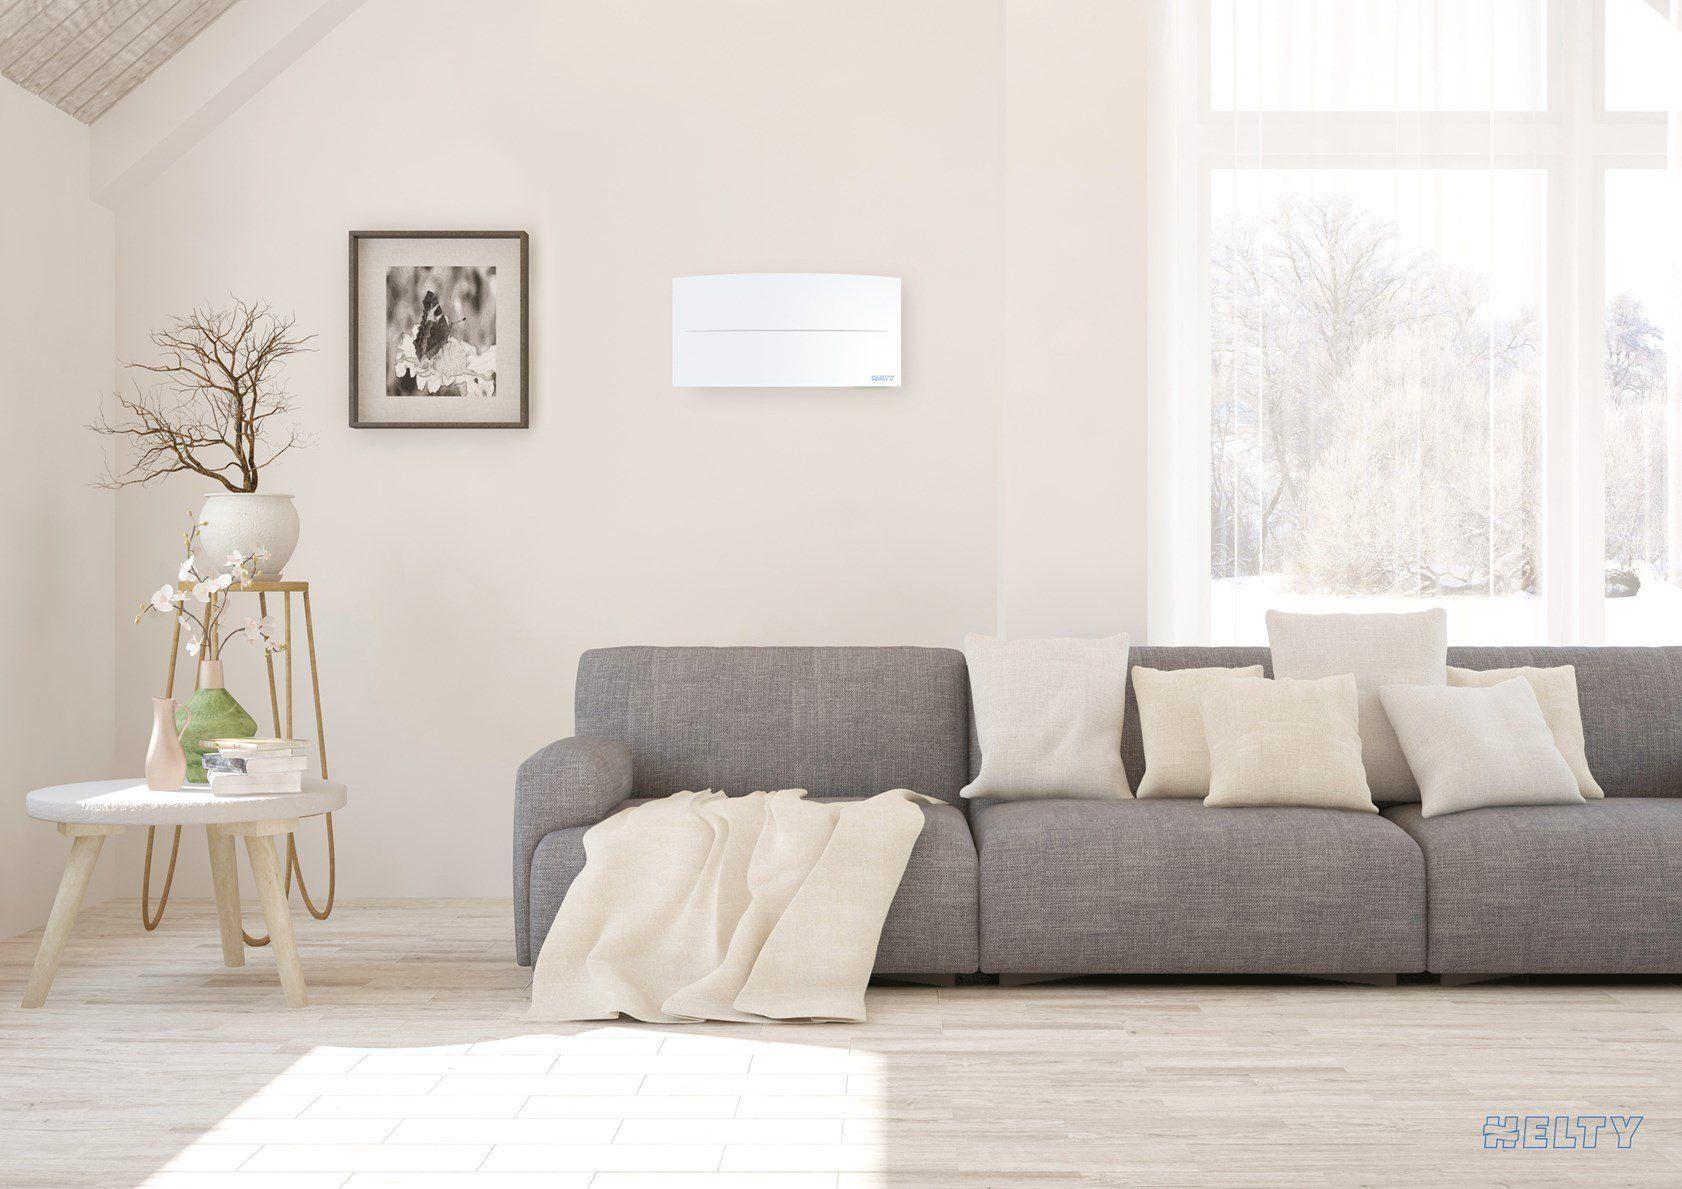 Acari della polvere addio: purificare l'aria di casa è facile con Helty Flow Elite